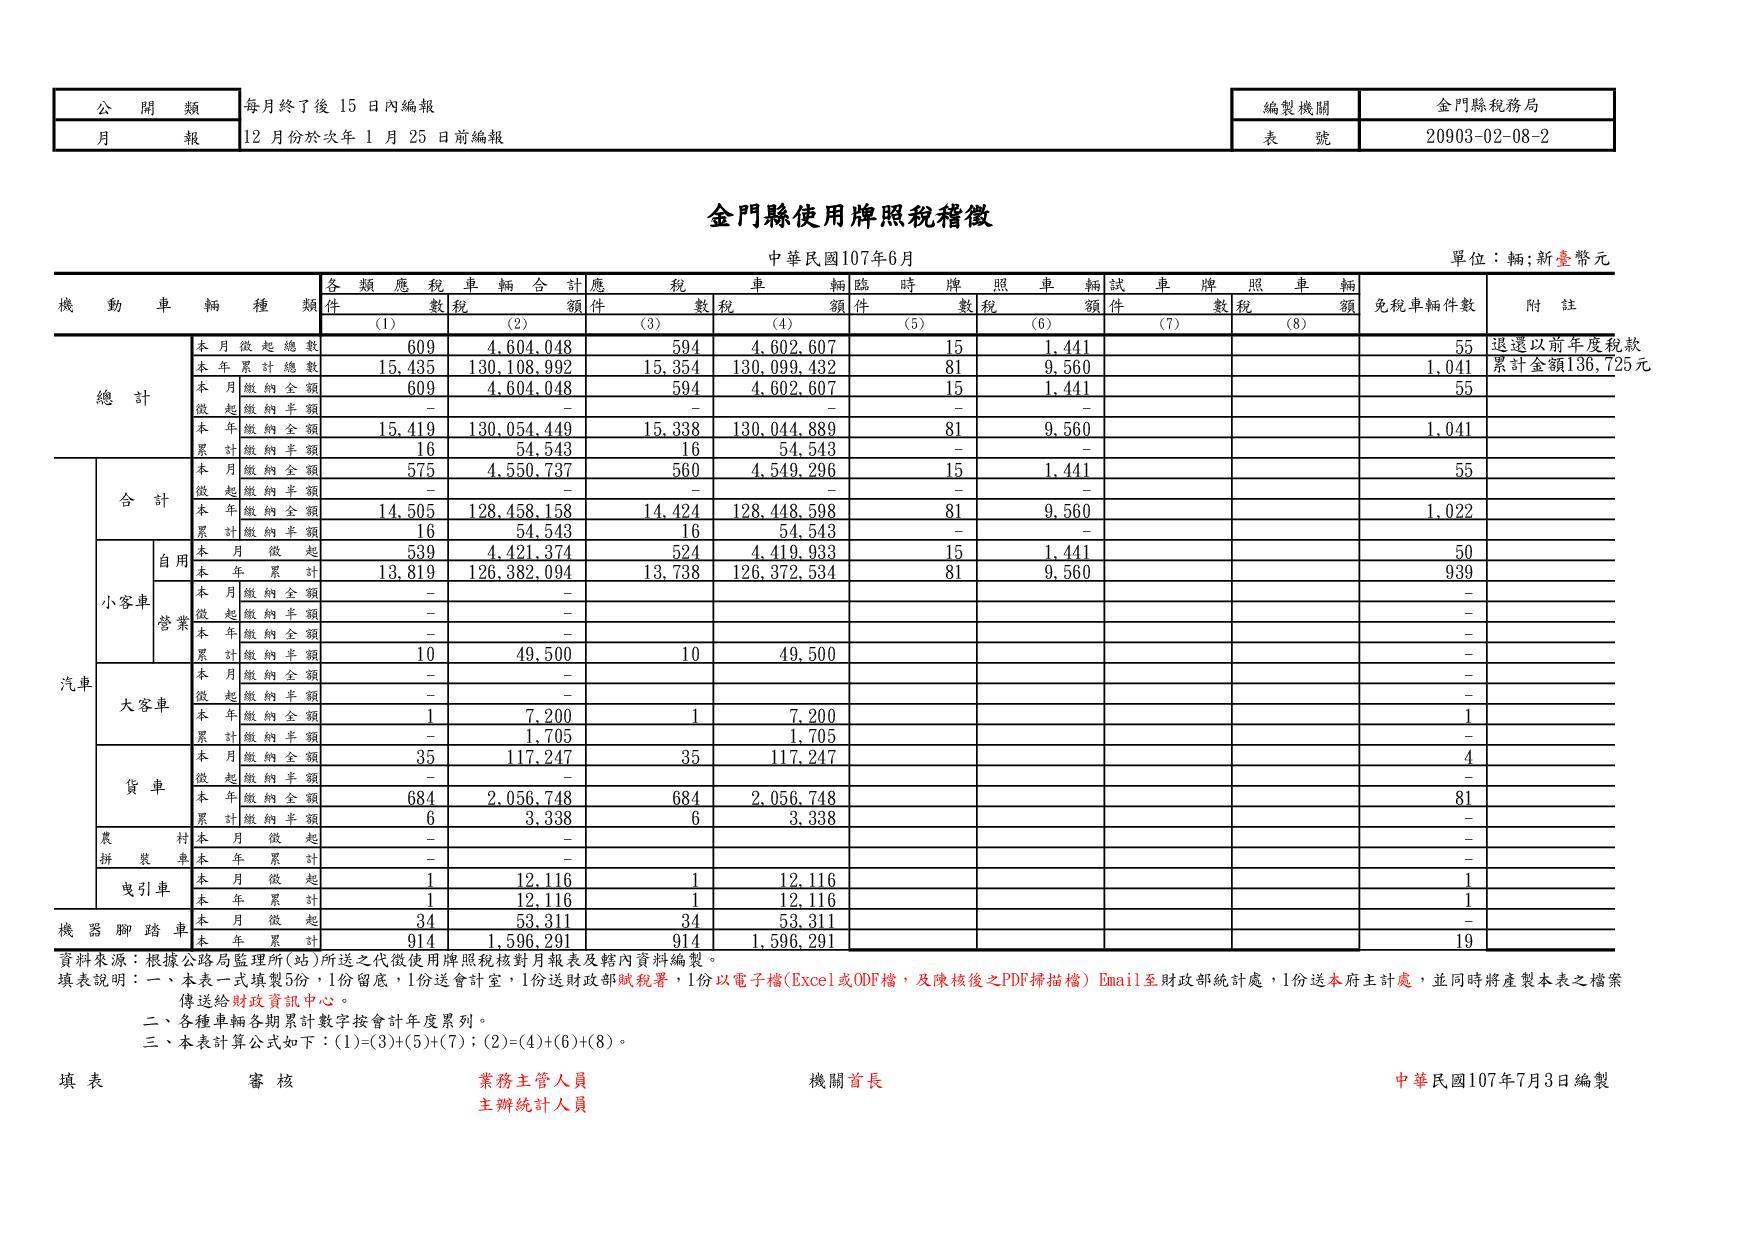 10706  牌照稅稽徵表